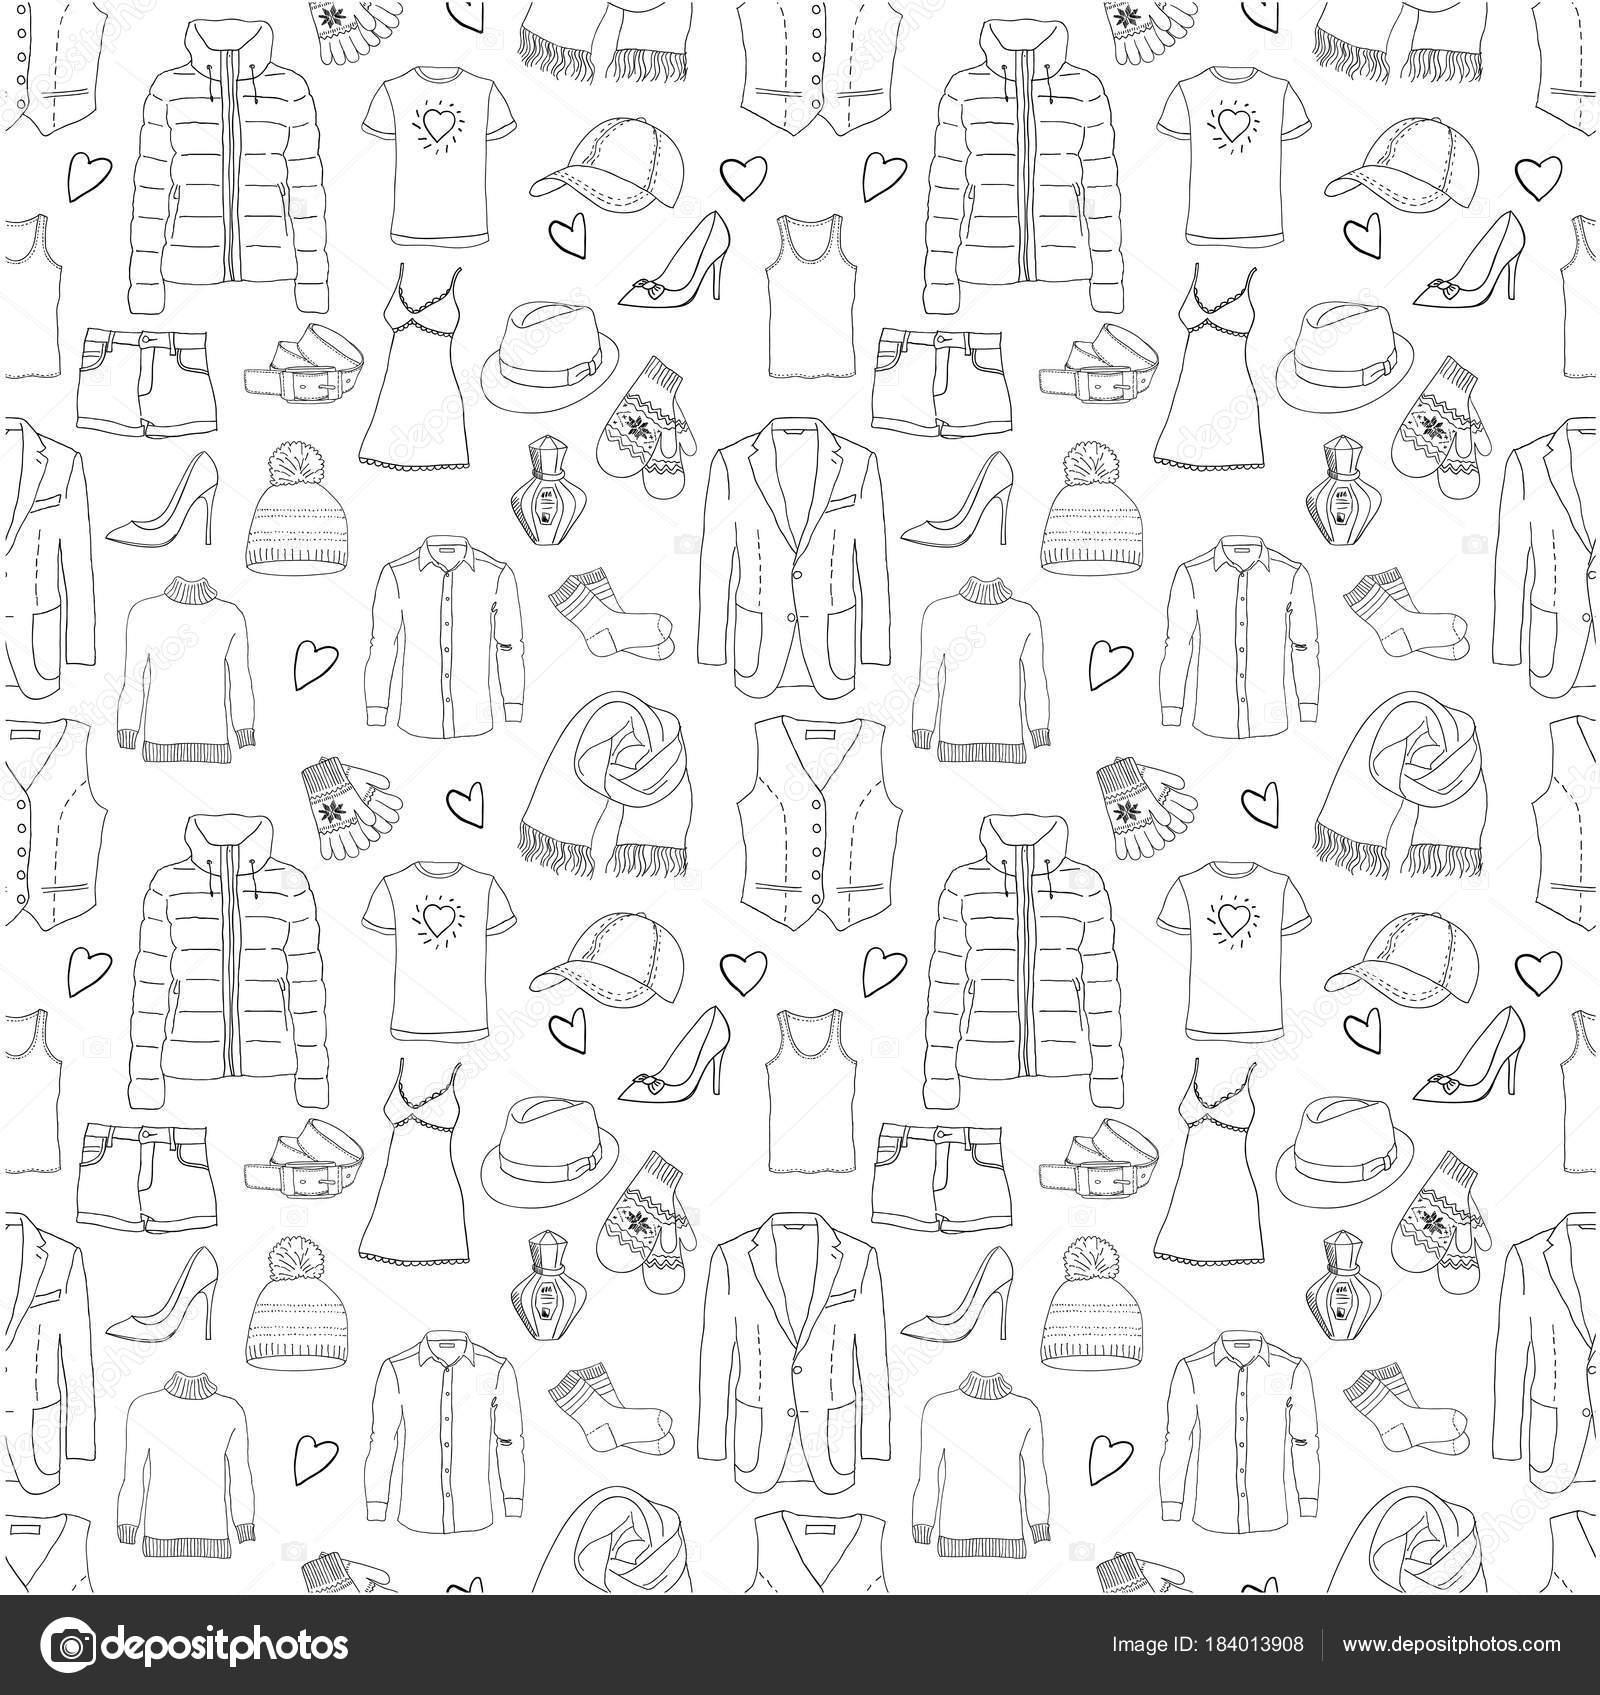 patrón sin costuras ropa — Vector de stock © NatalieBakunina #184013908